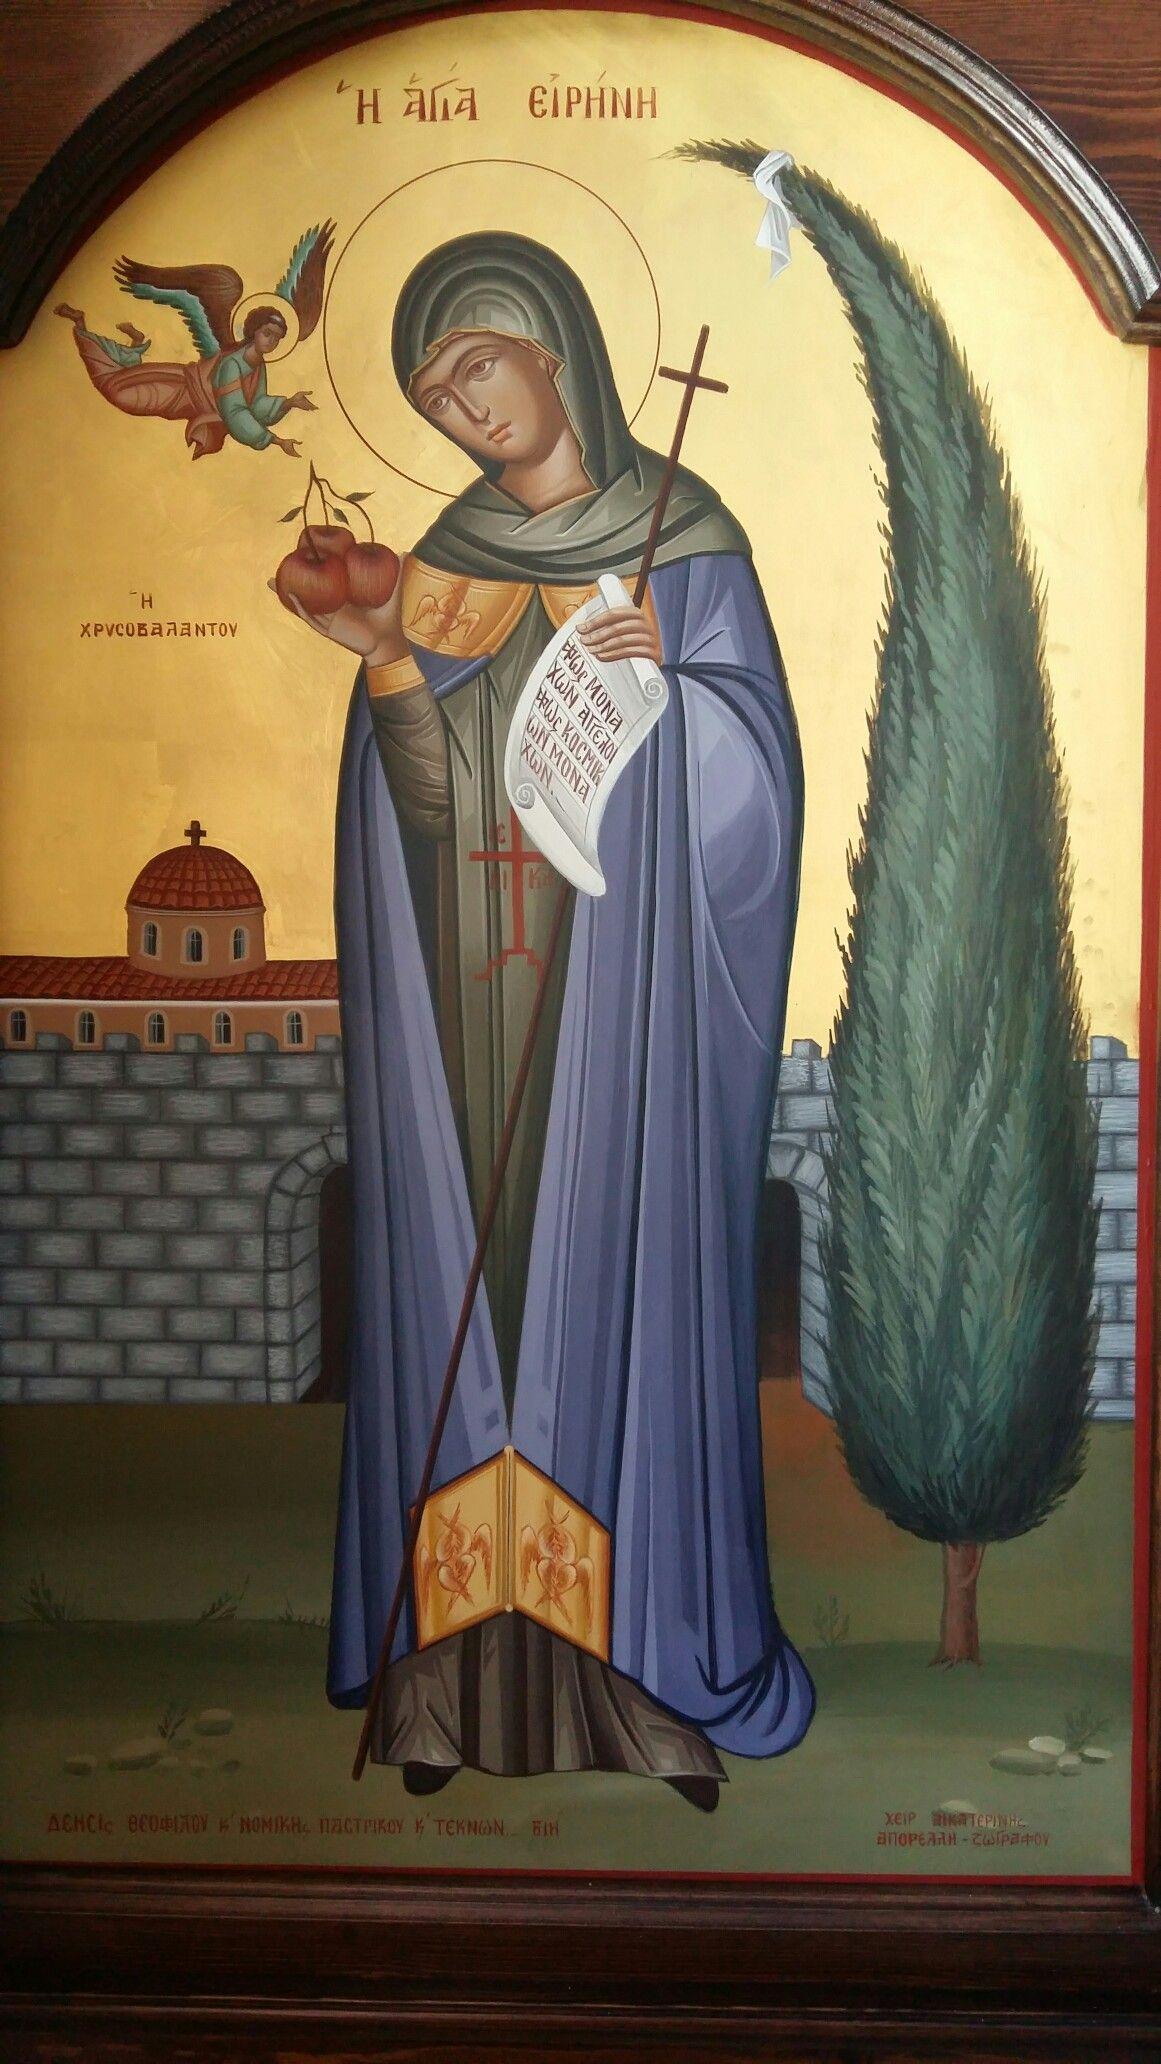 Αγία Ειρήνη Χρυσοβαλάντου Orthodox christian icons